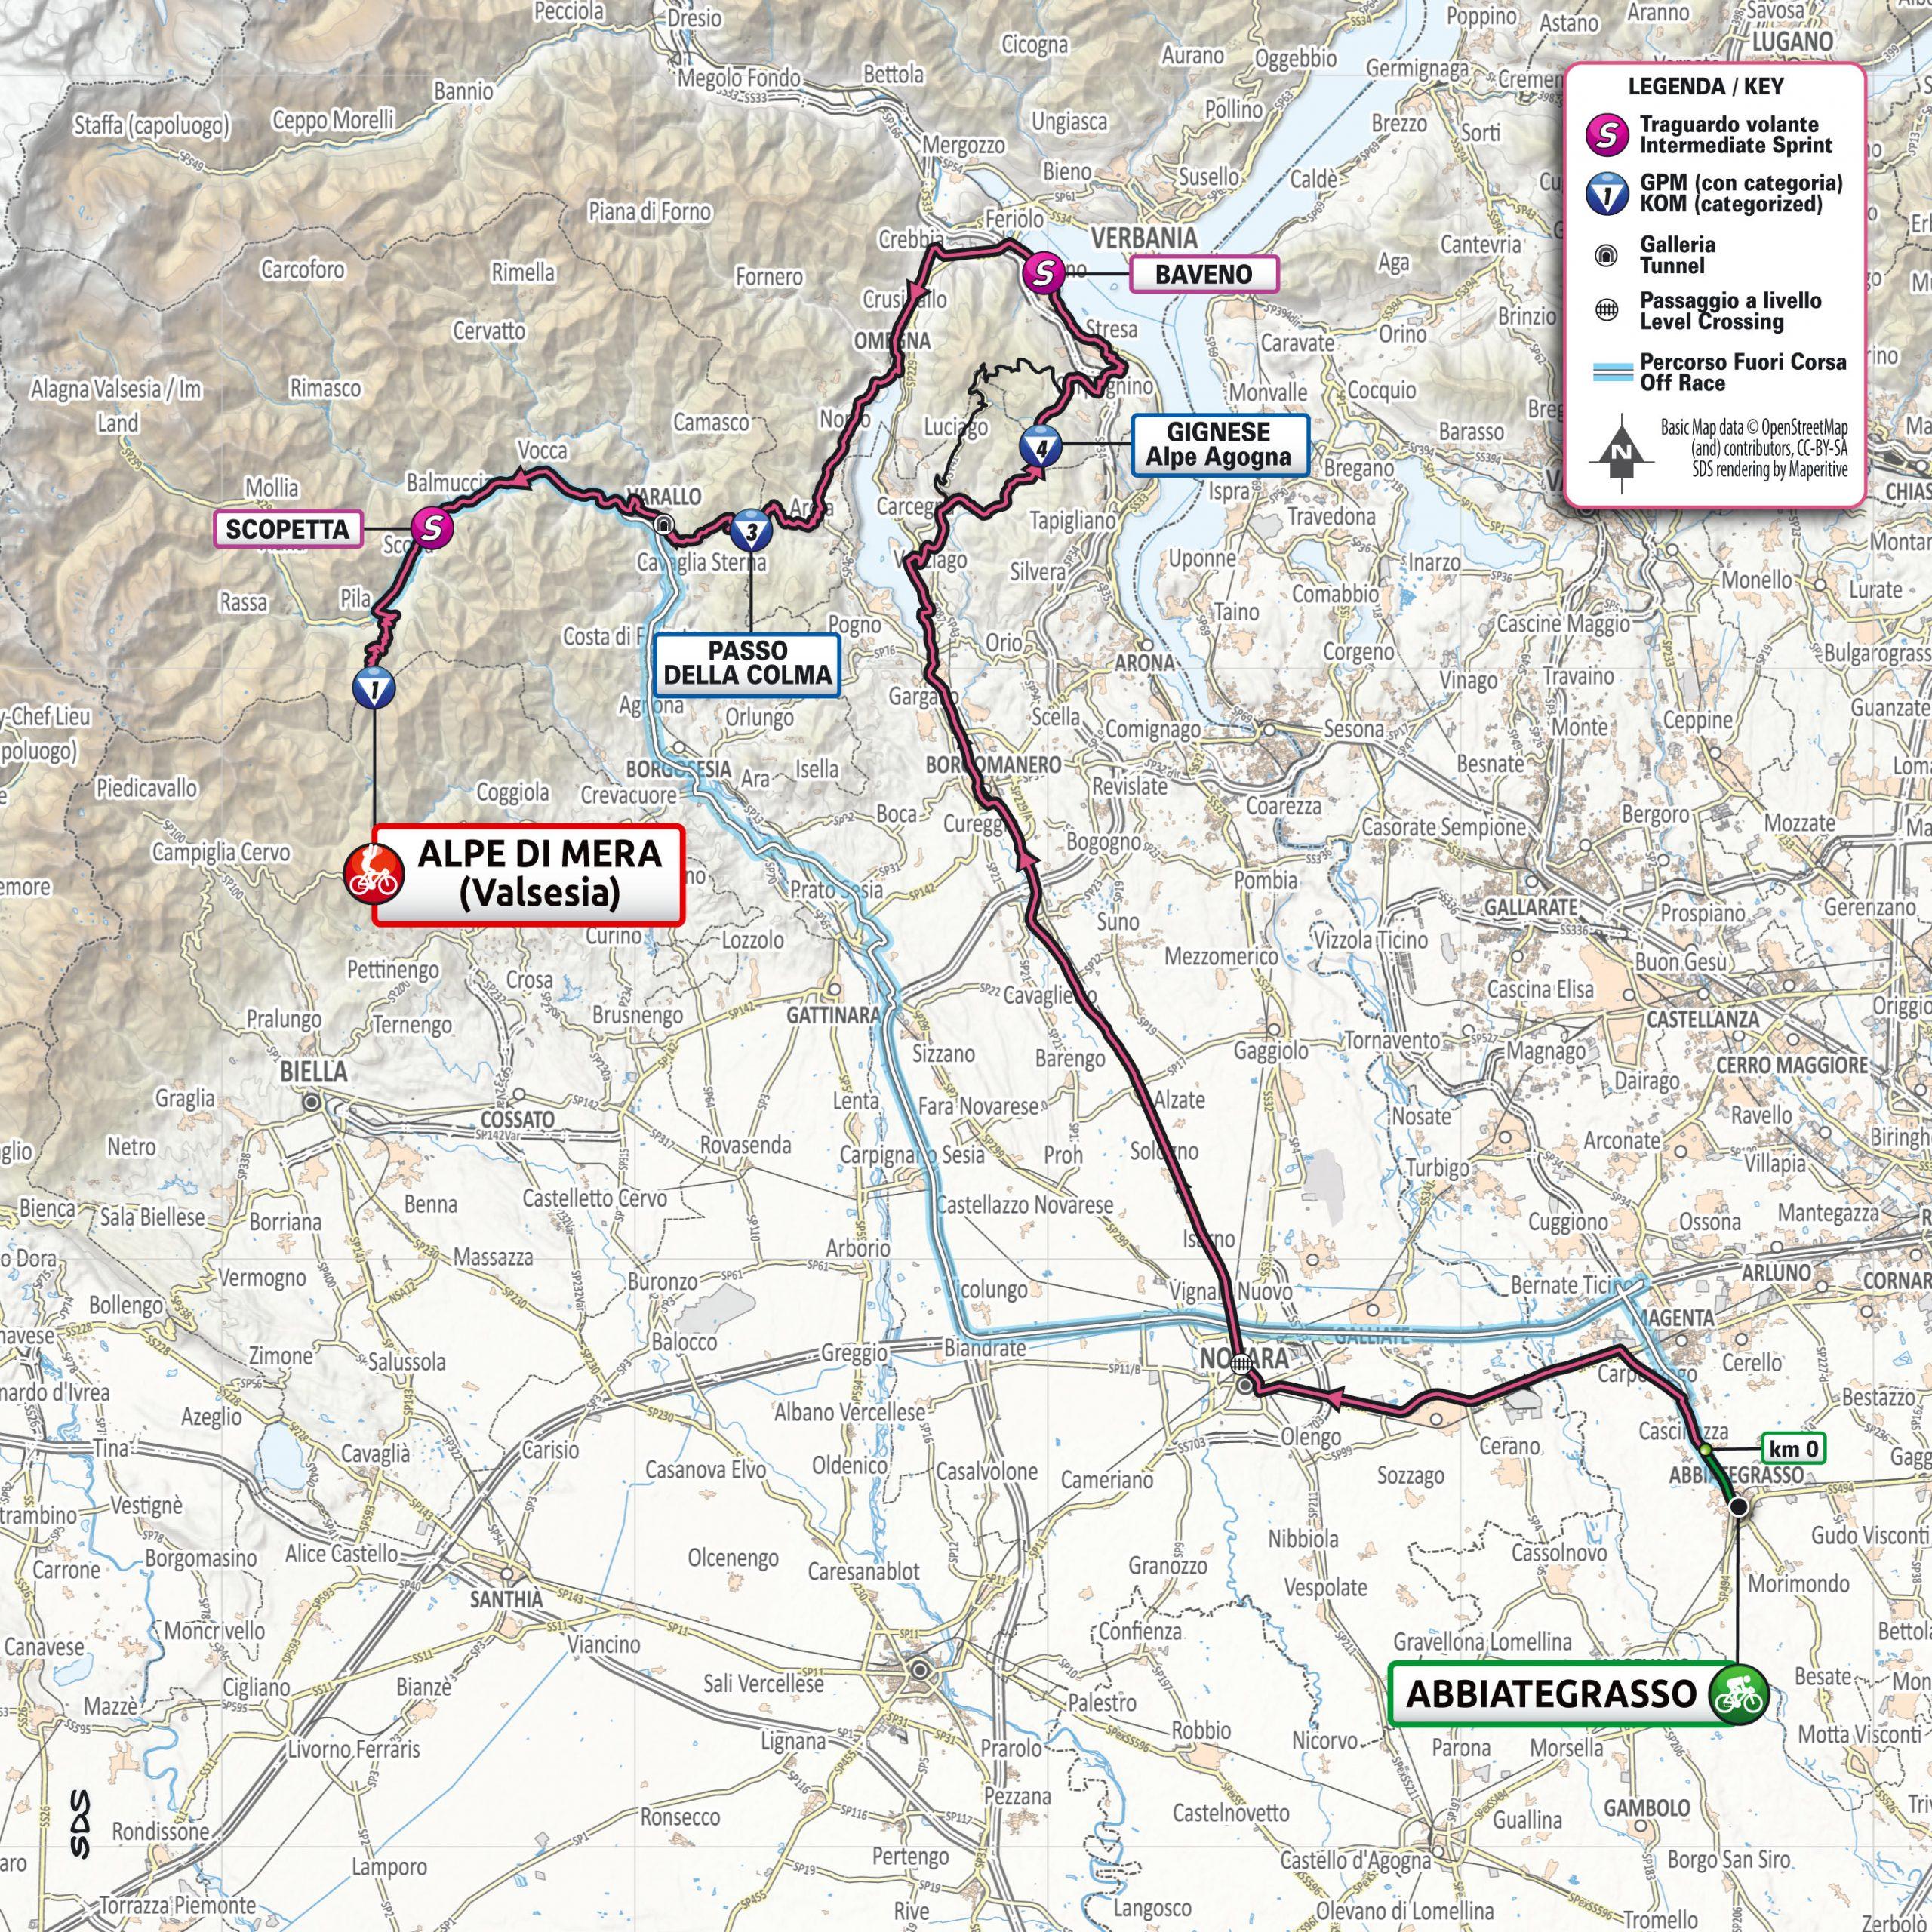 Planimetria Tappa 19 del Giro d'Italia 2021: Abbiategrasso, Alpe di Mera (Valsesia)